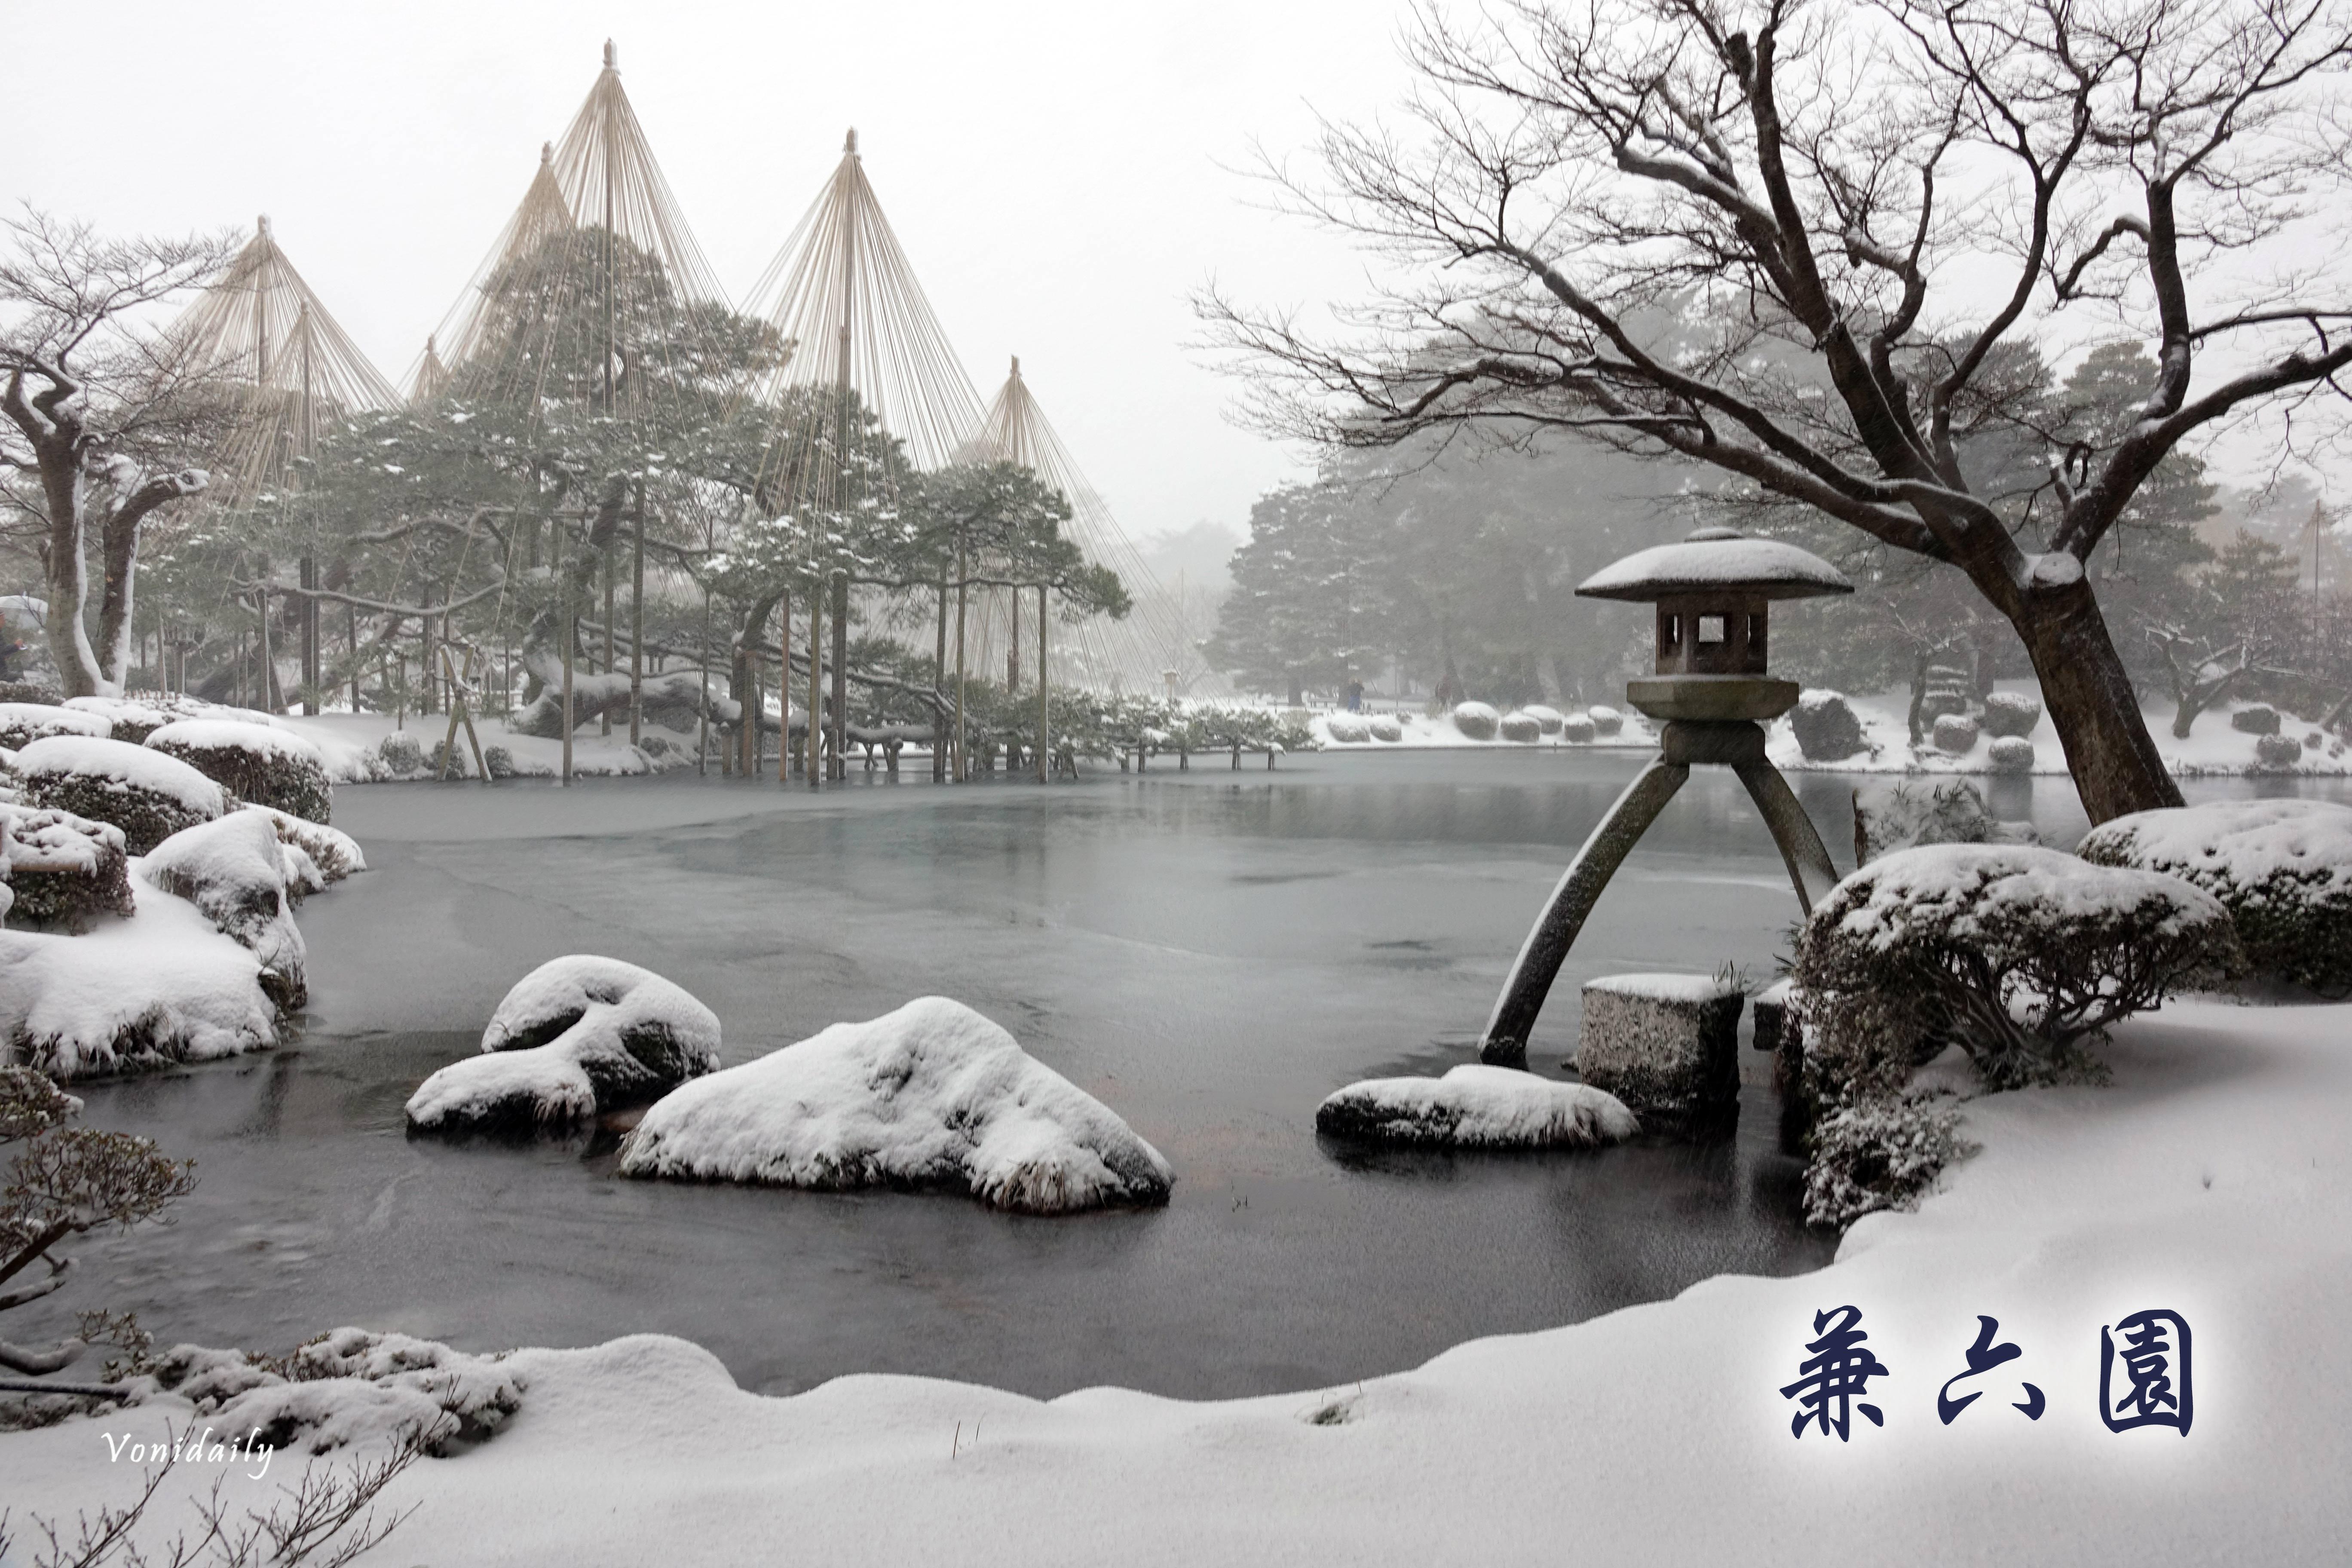 日本三大名園之雪中兼六園,雪吊絕美景色像海報般的夢幻 | 日本北陸.金澤景點